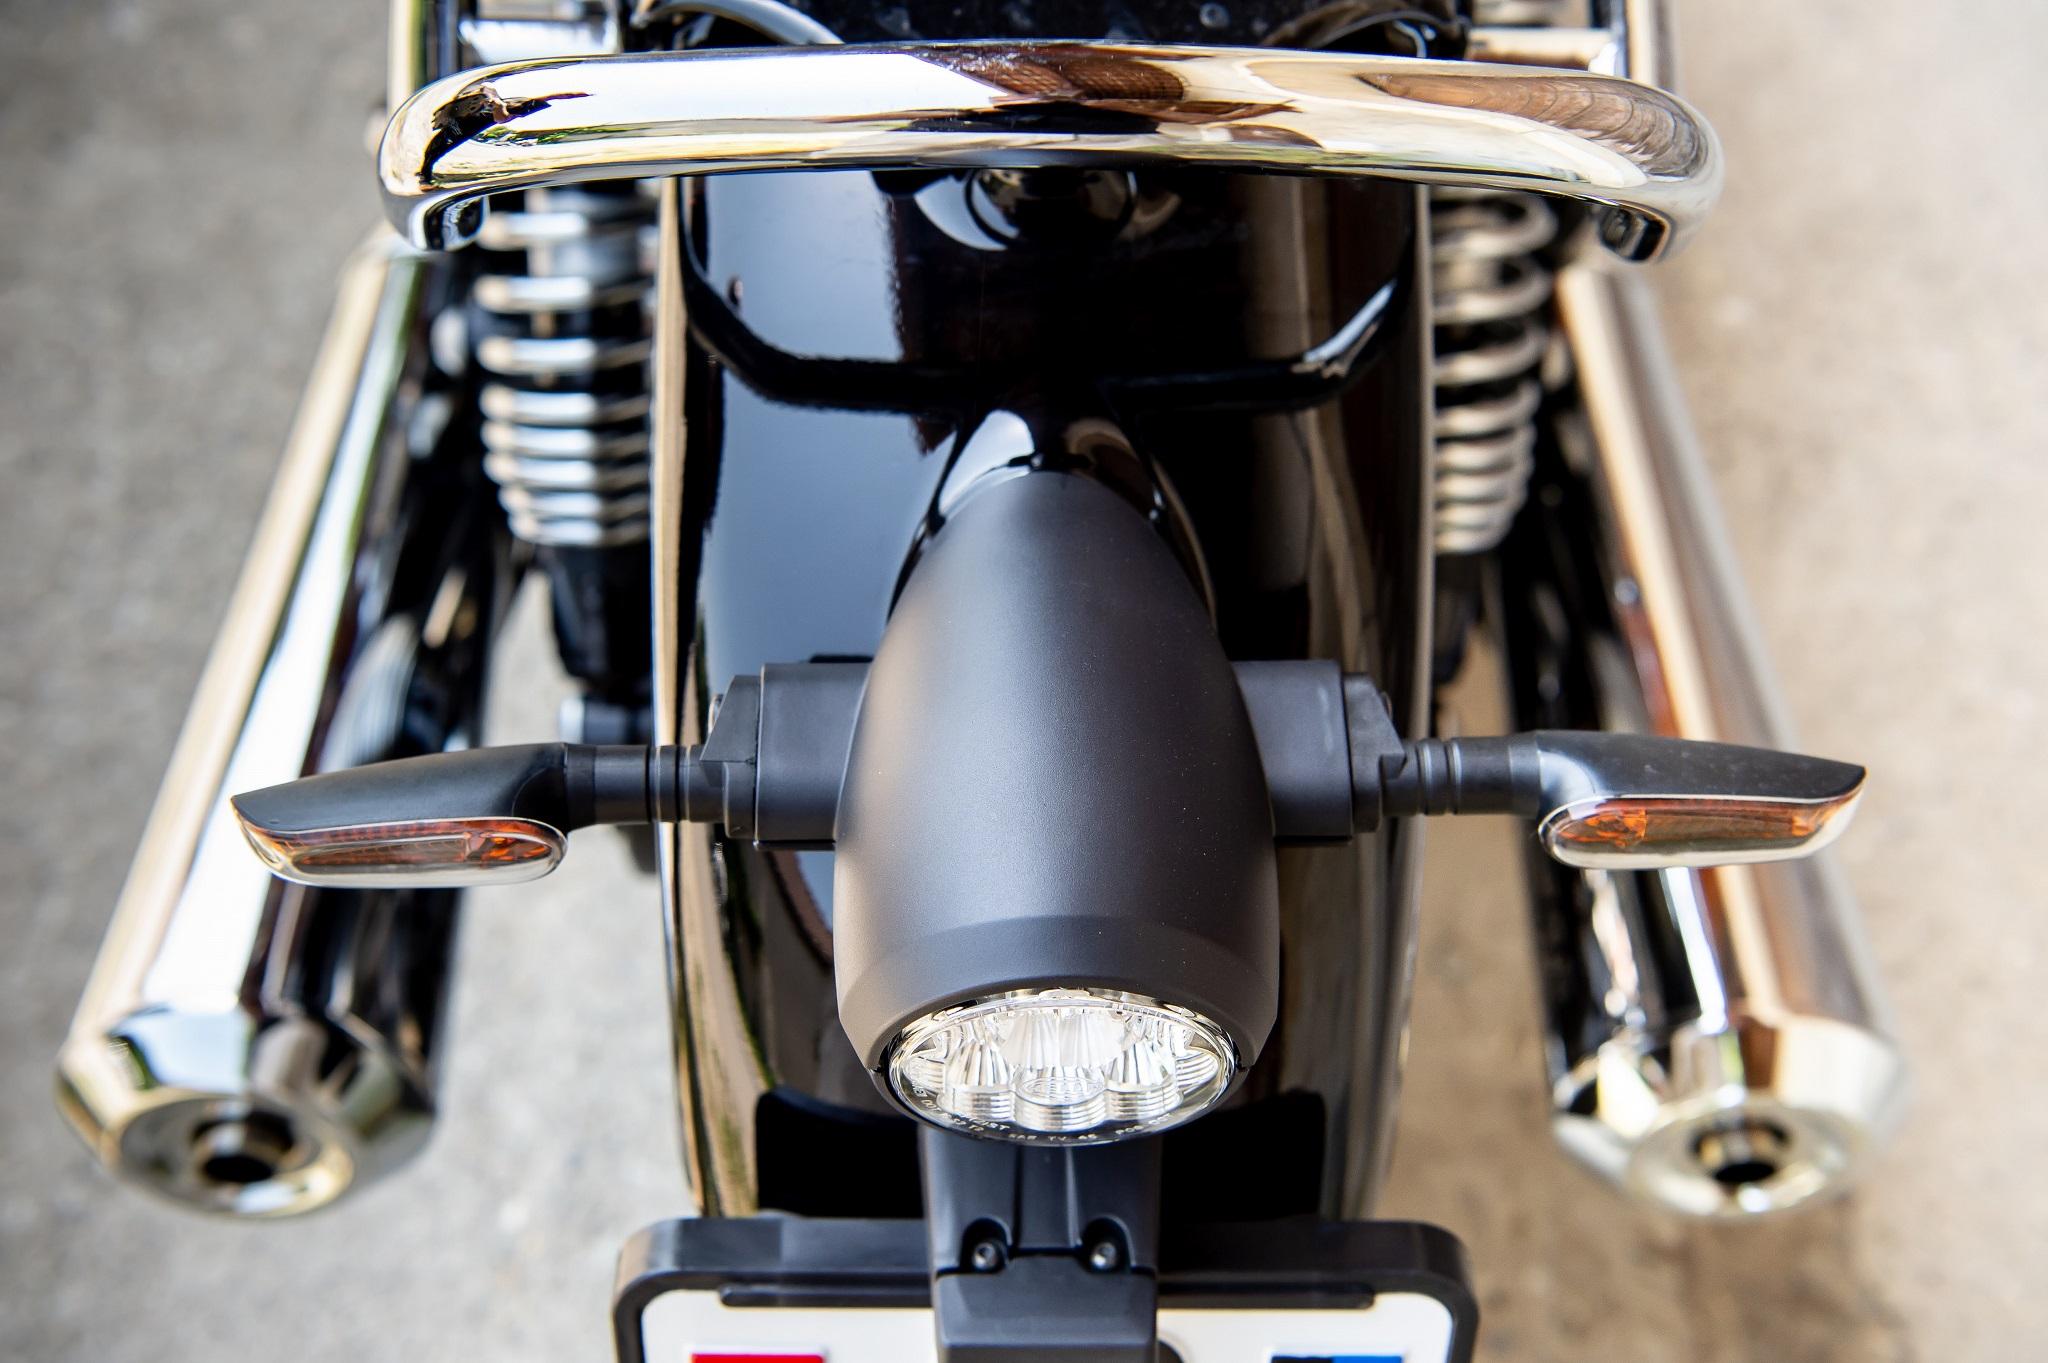 2021-06-18 Actumoto Moto Guzzi V7 Special 079 Final Big